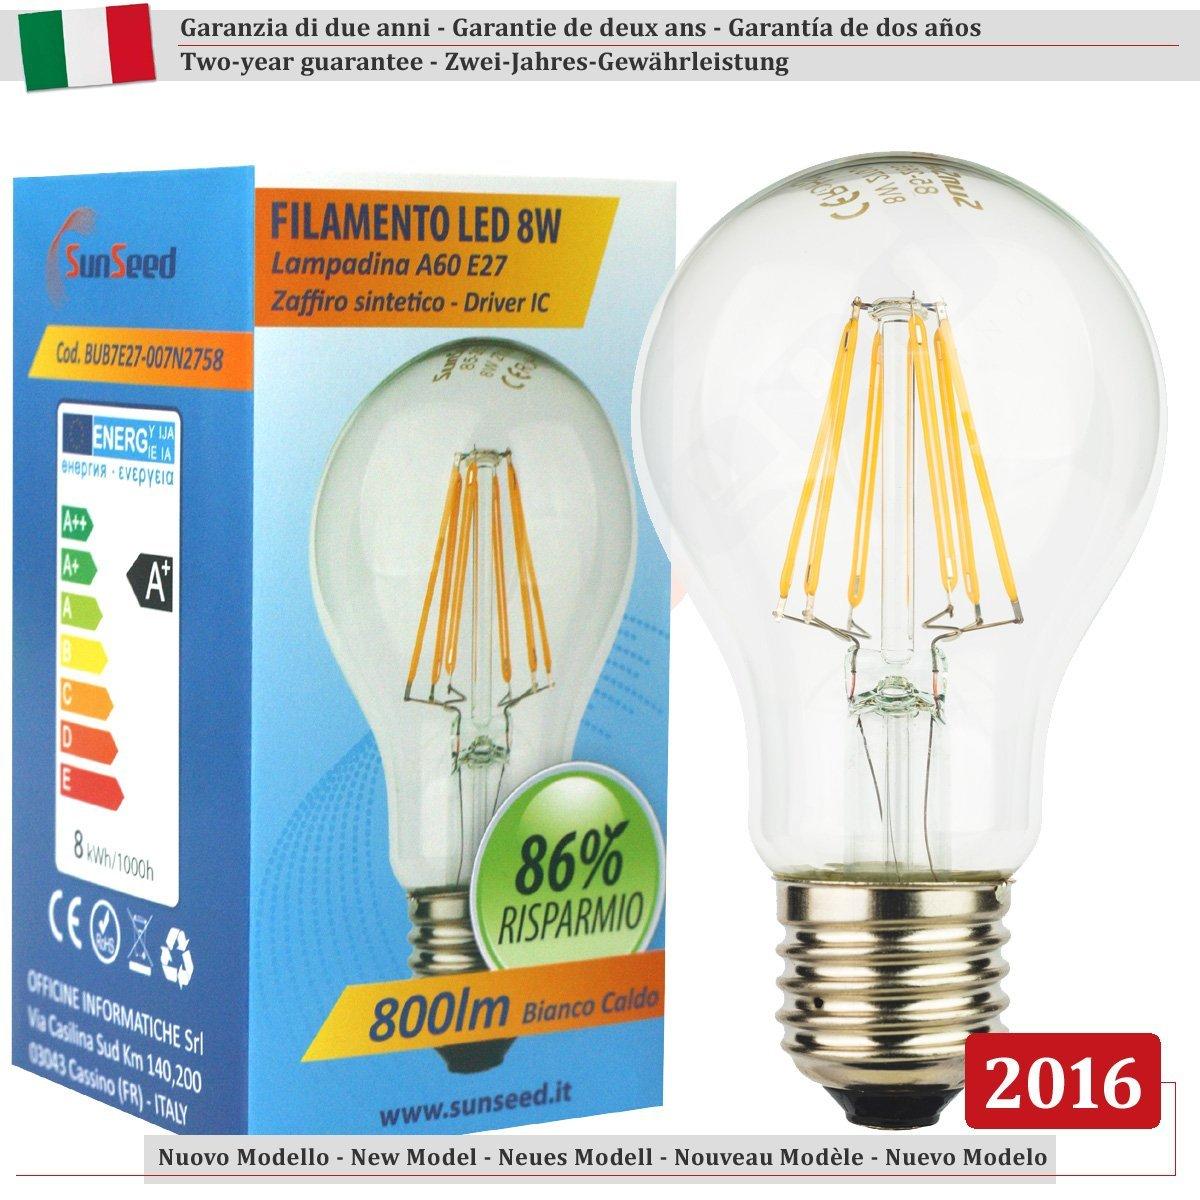 Cerco Lampade A Led.127 Cerco Lampade A Led Faretti Per Cucine Moderne Wx41